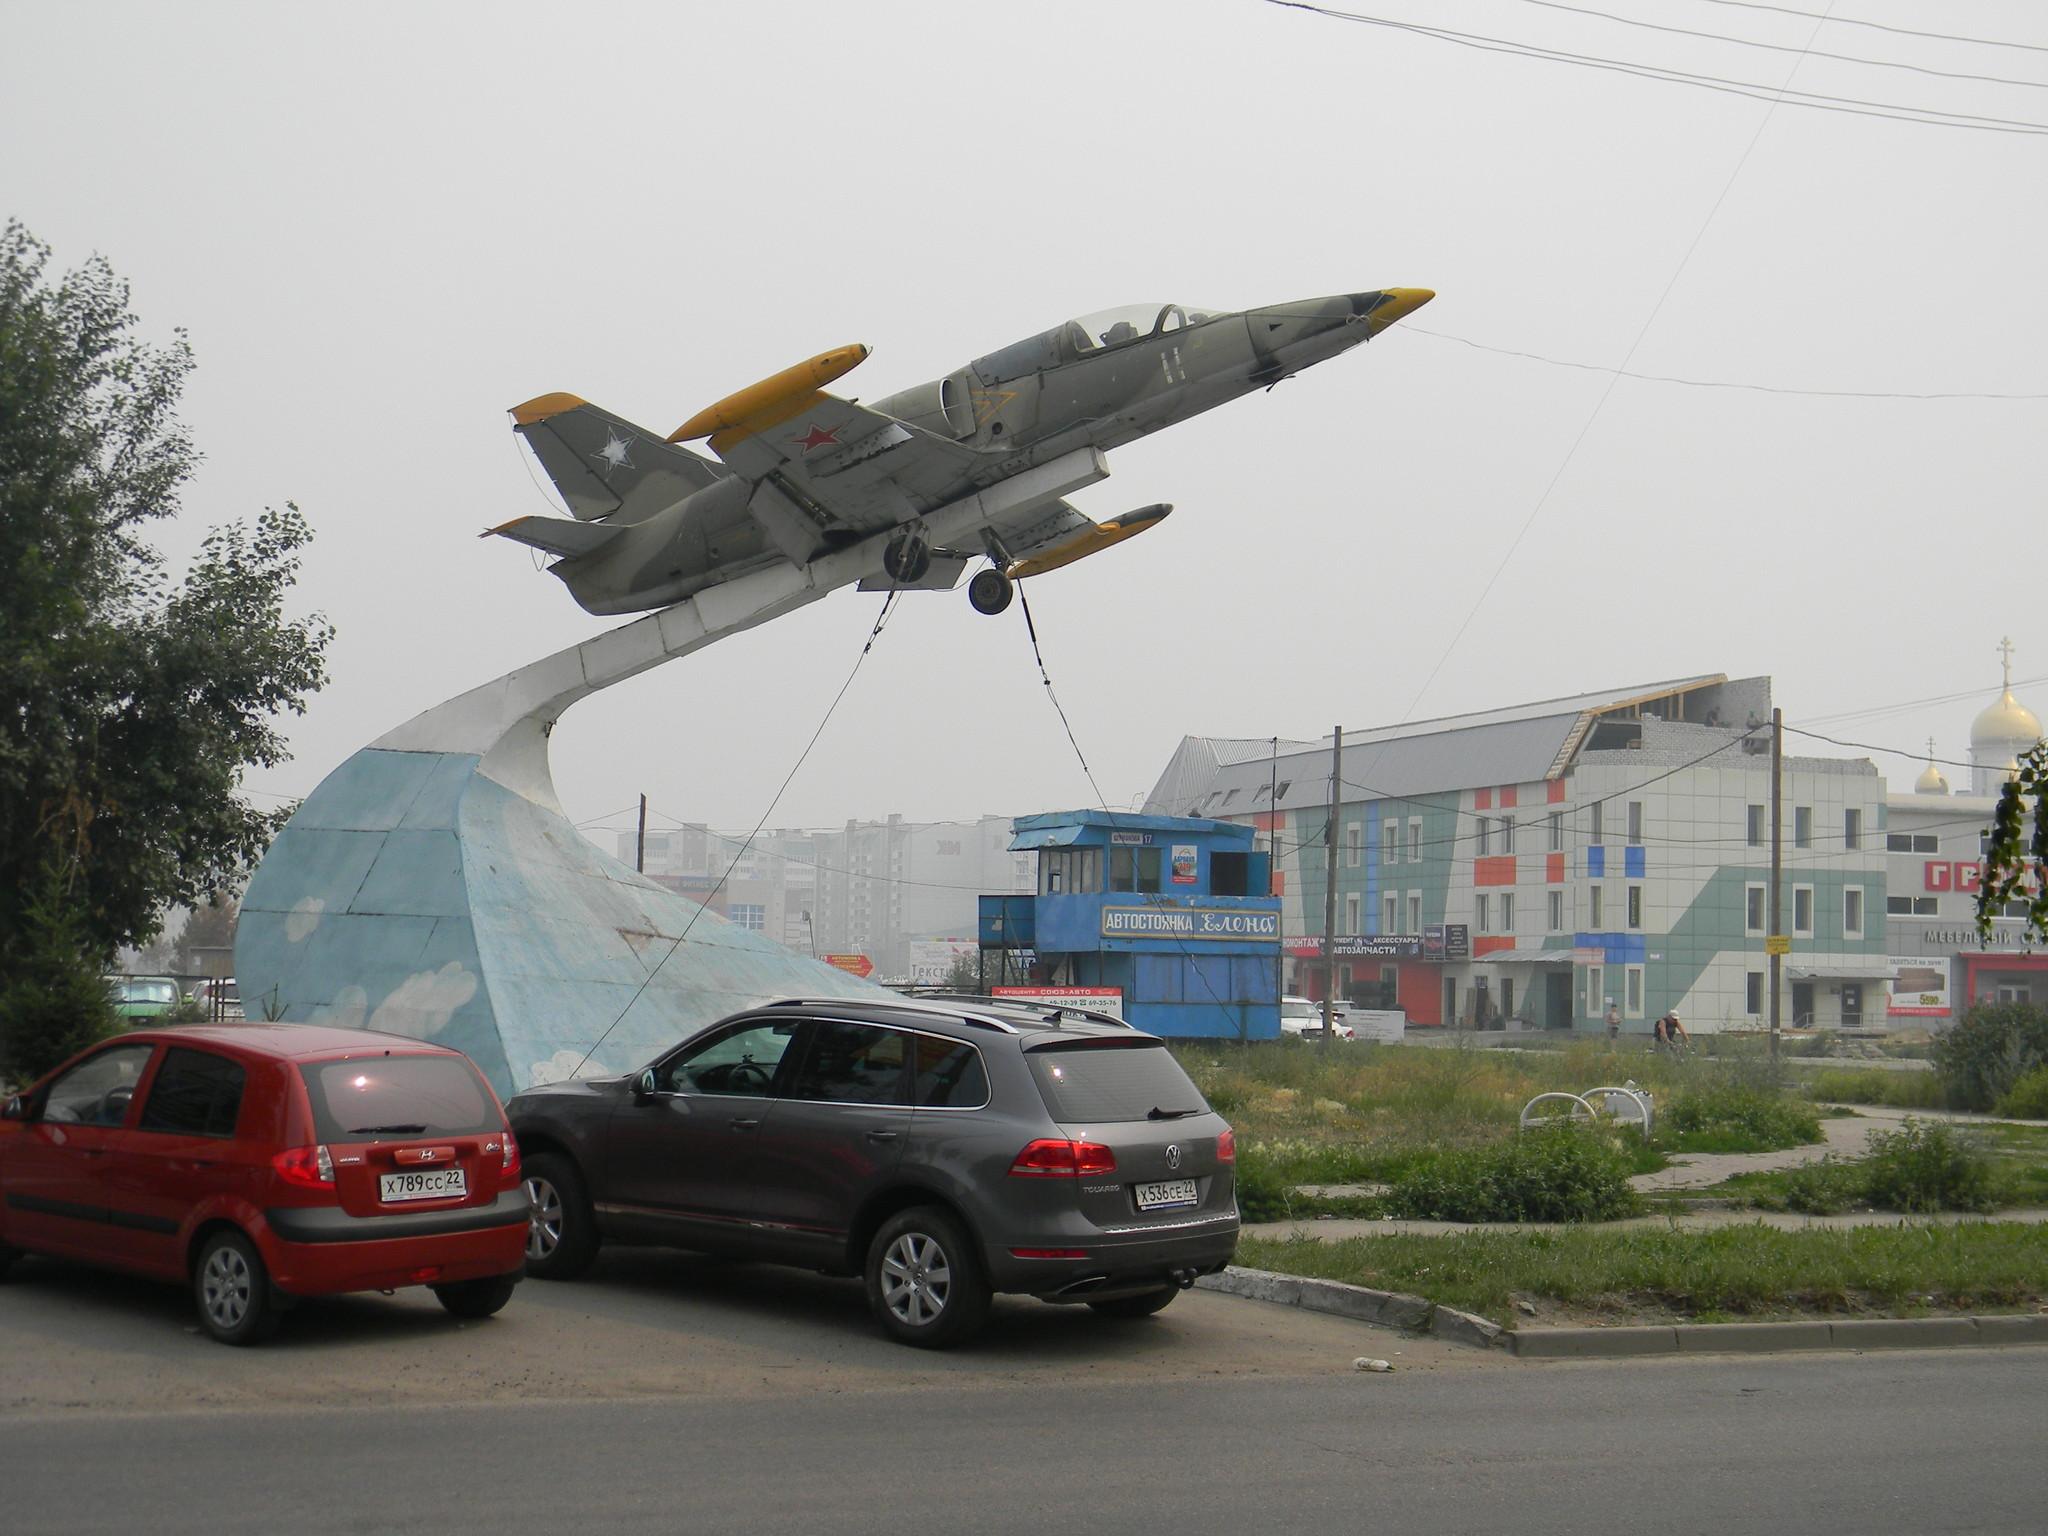 Реактивный учебно-боевой самолёт Л-39 «Альбатрос» на пересечении улиц Взлётной и Шумакова